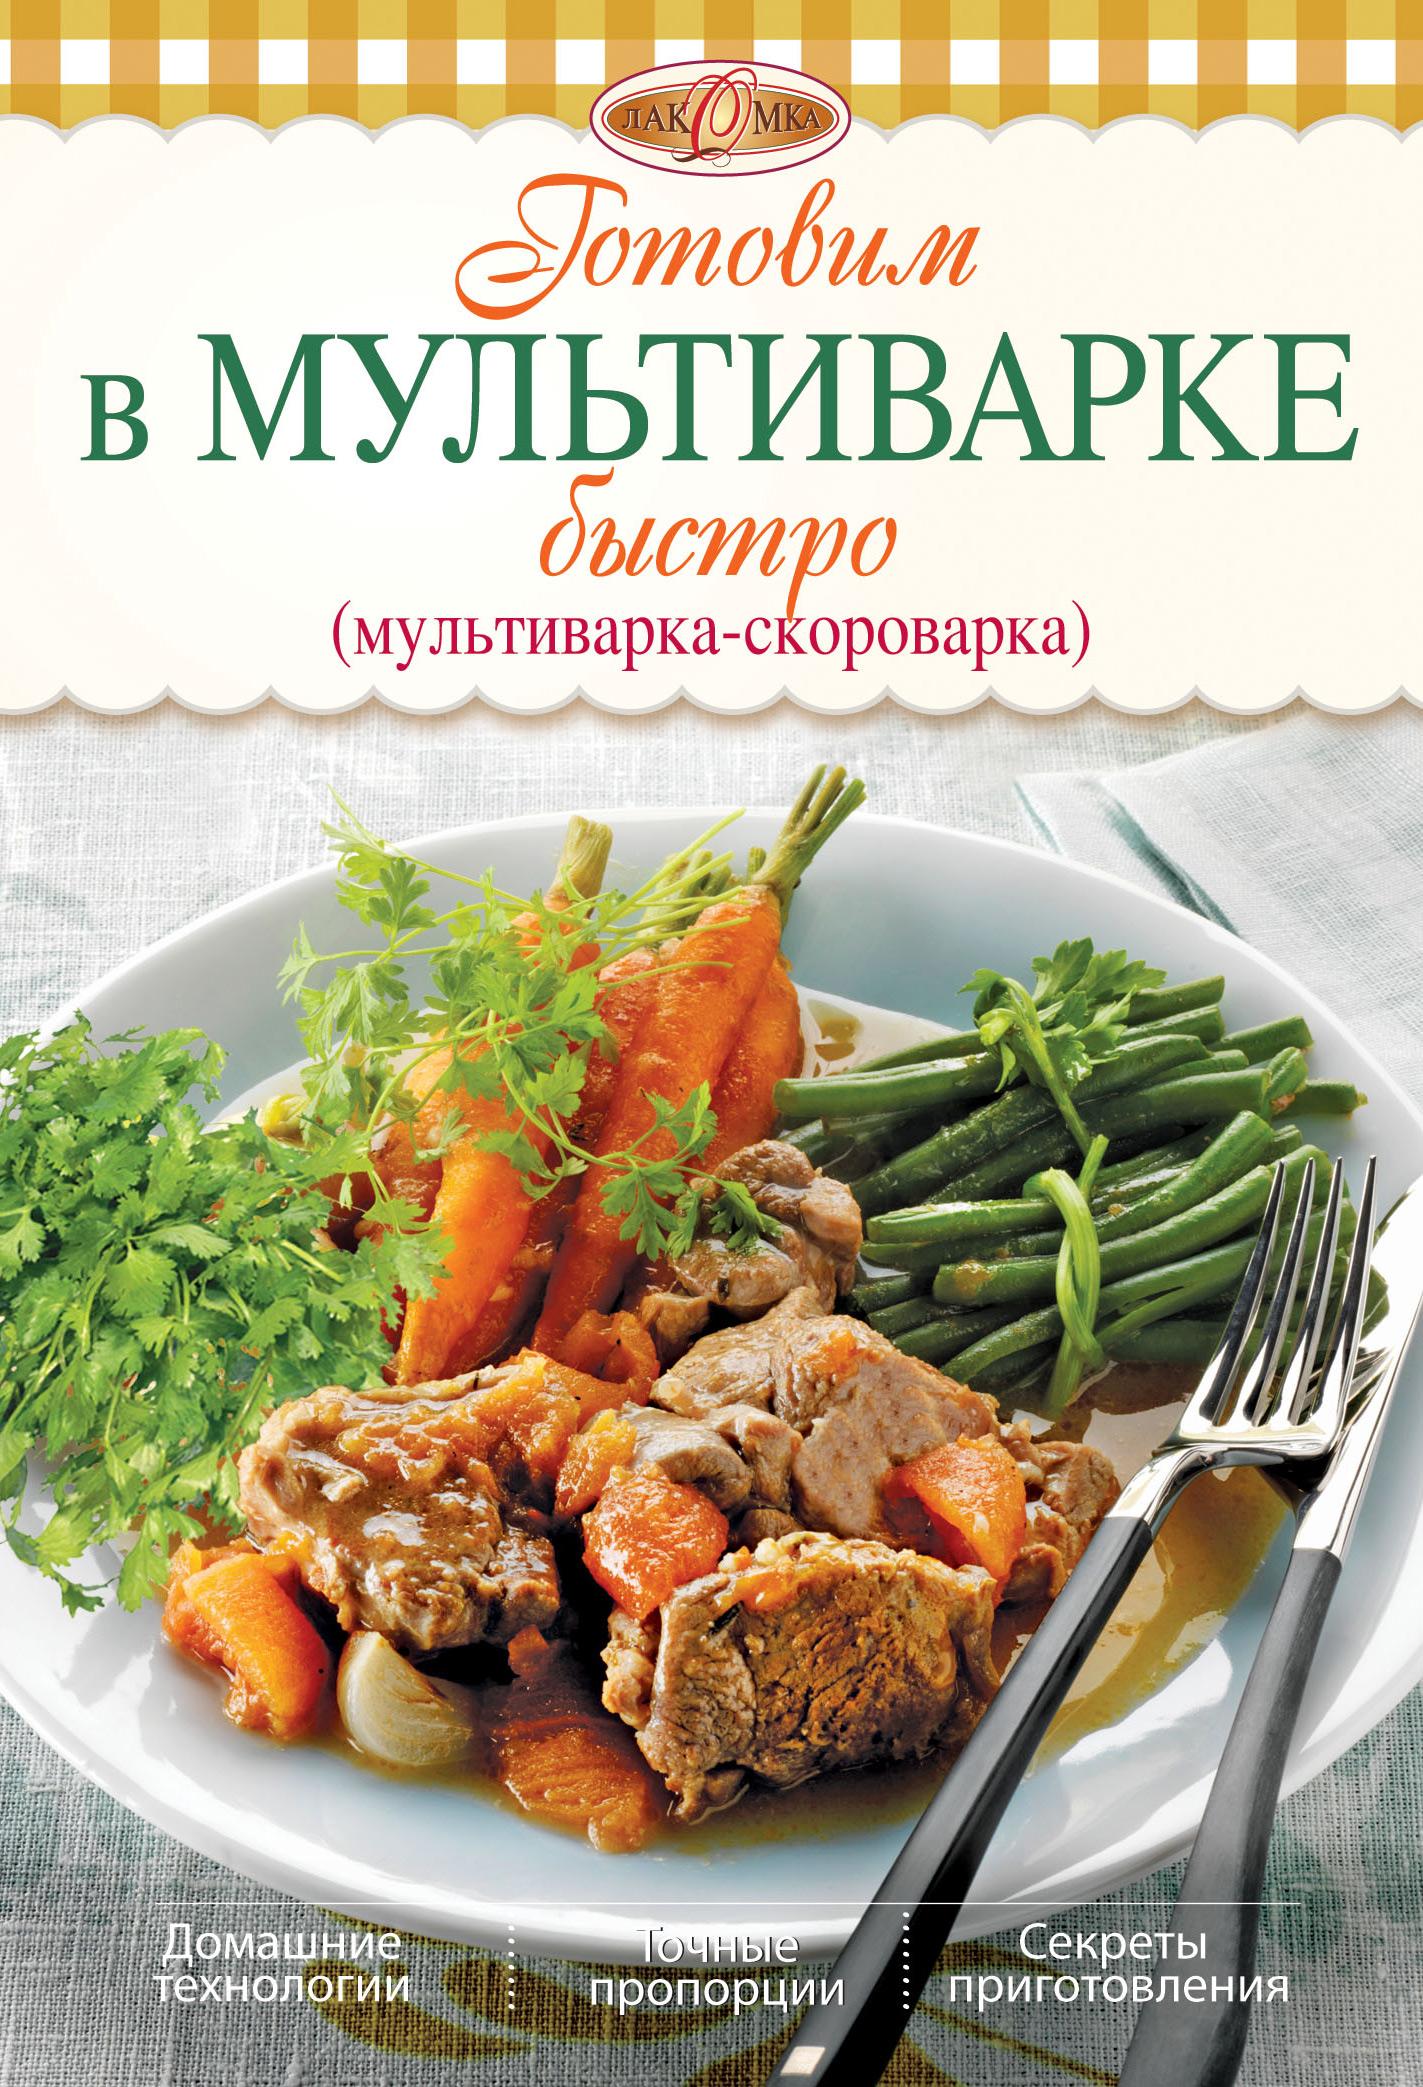 Отсутствует Готовим в мультиварке быстро (мультиварка-скороварка) солнечная м мультиварка готовим вегетарианские блюда